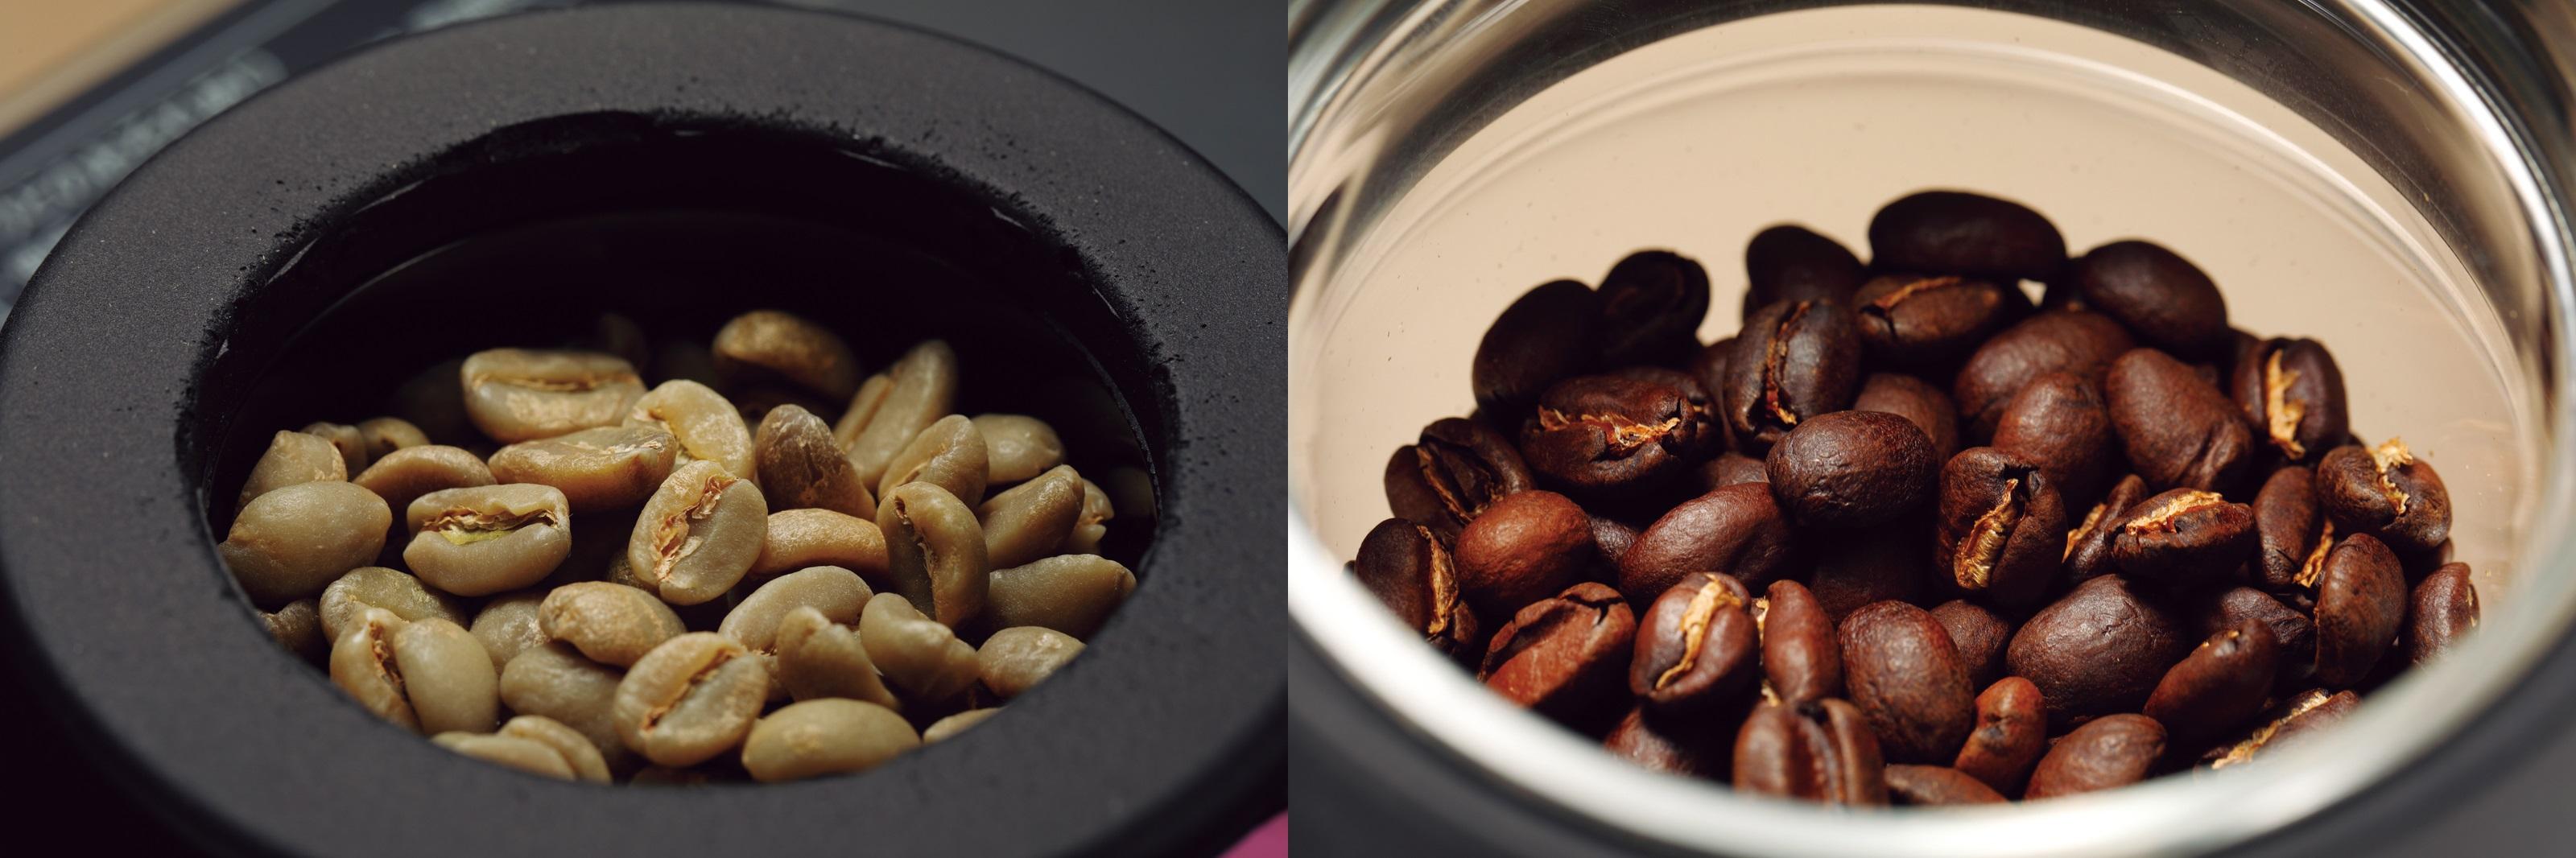 ↑ 熱風式焙煎により、最大15分の所要時間で香ばしく焙煎。毎月届く異なる種類の生豆に合わせ、2〜3種の焙煎プロファイルがアプリ上で選択できる